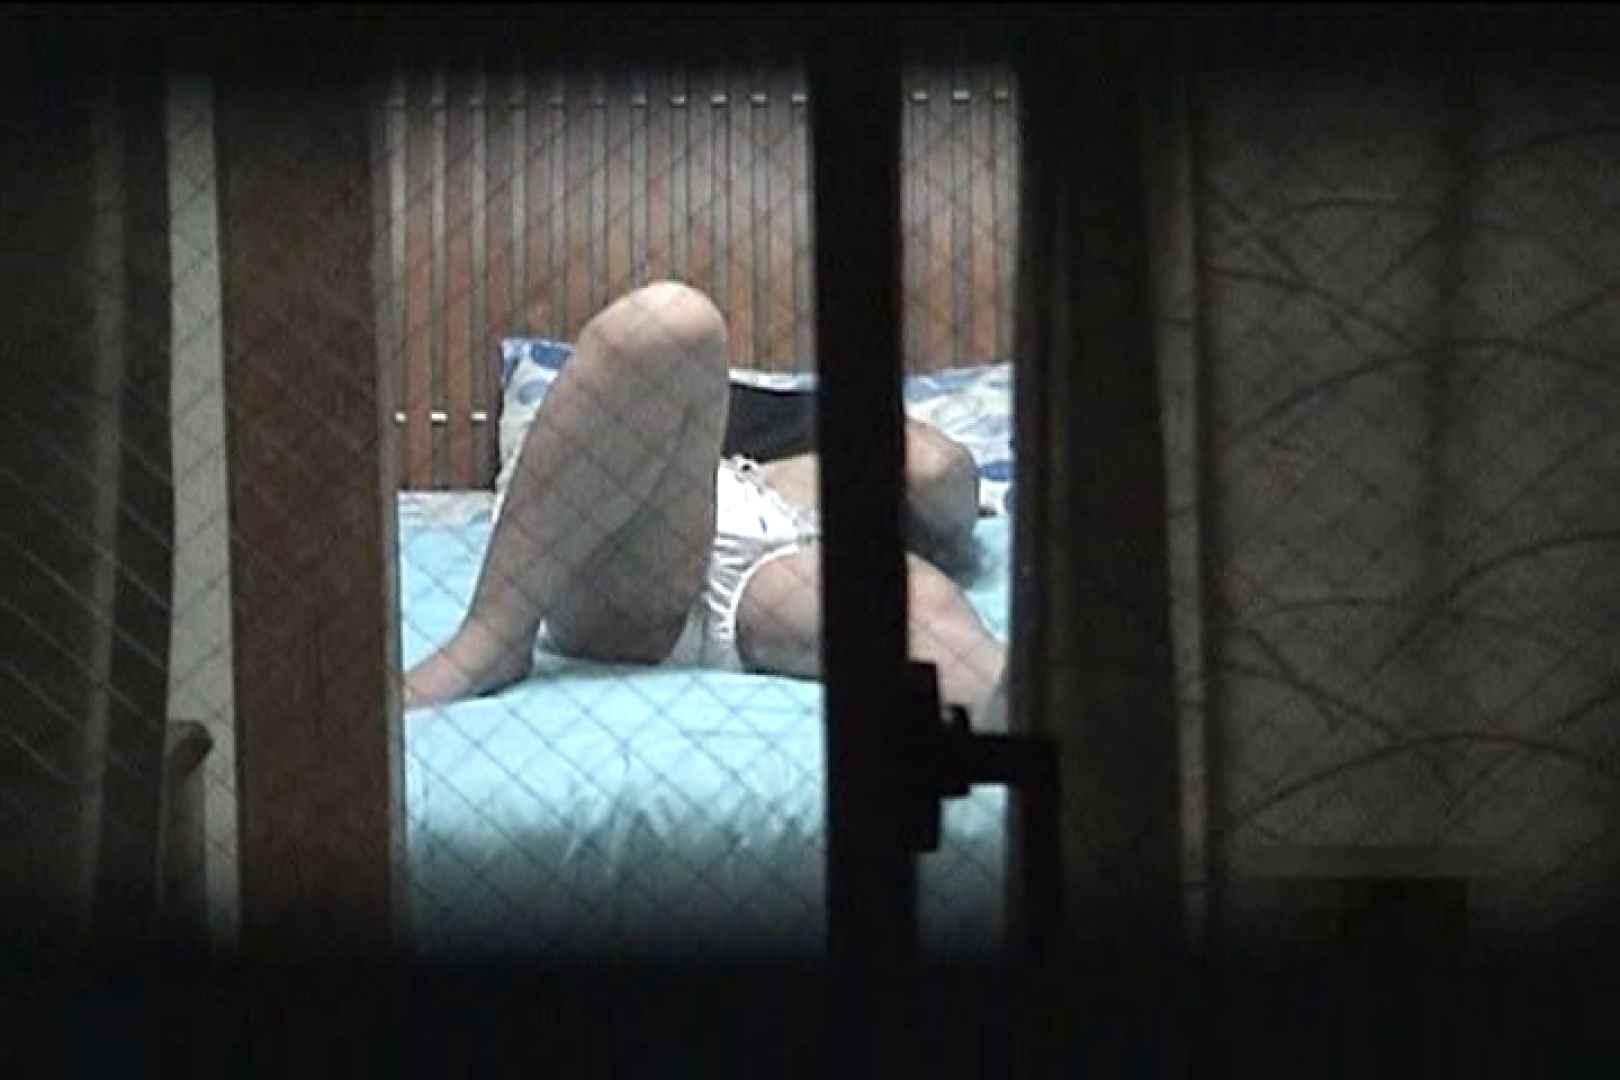 民家自慰マニアVol.1 OL女体 オマンコ動画キャプチャ 103連発 74